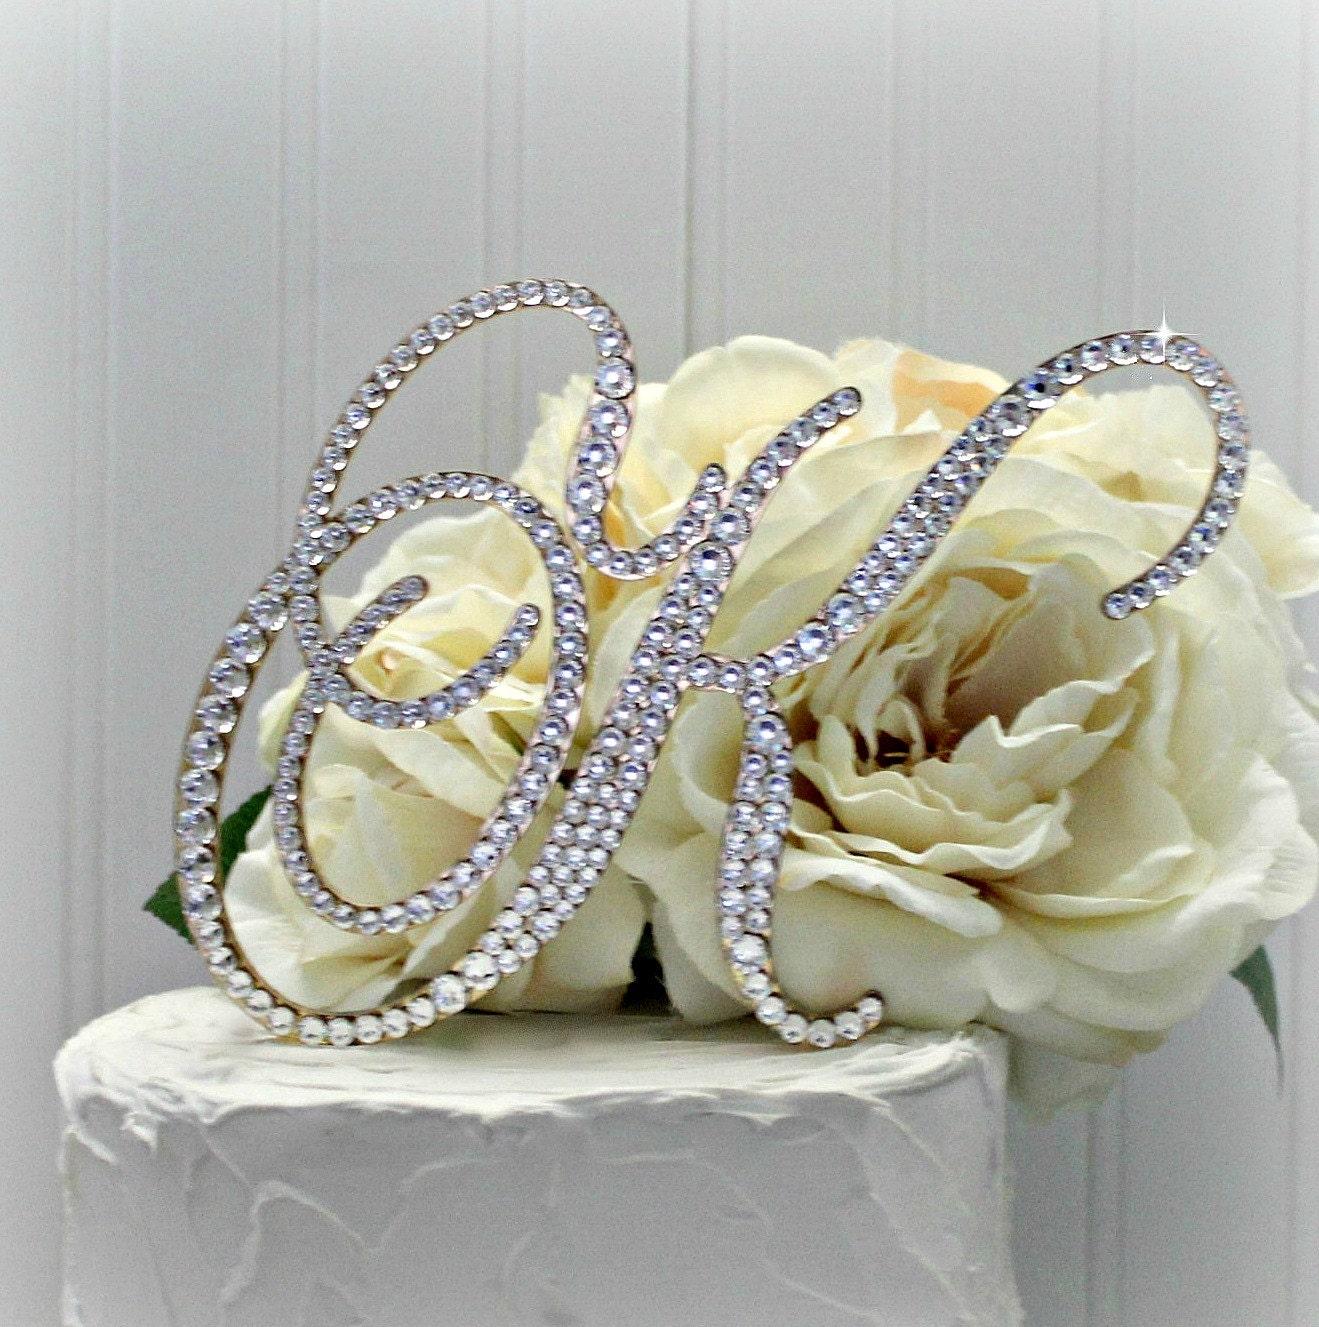 Monogram Wedding Cake Topper Initial Letter Cake Topper in